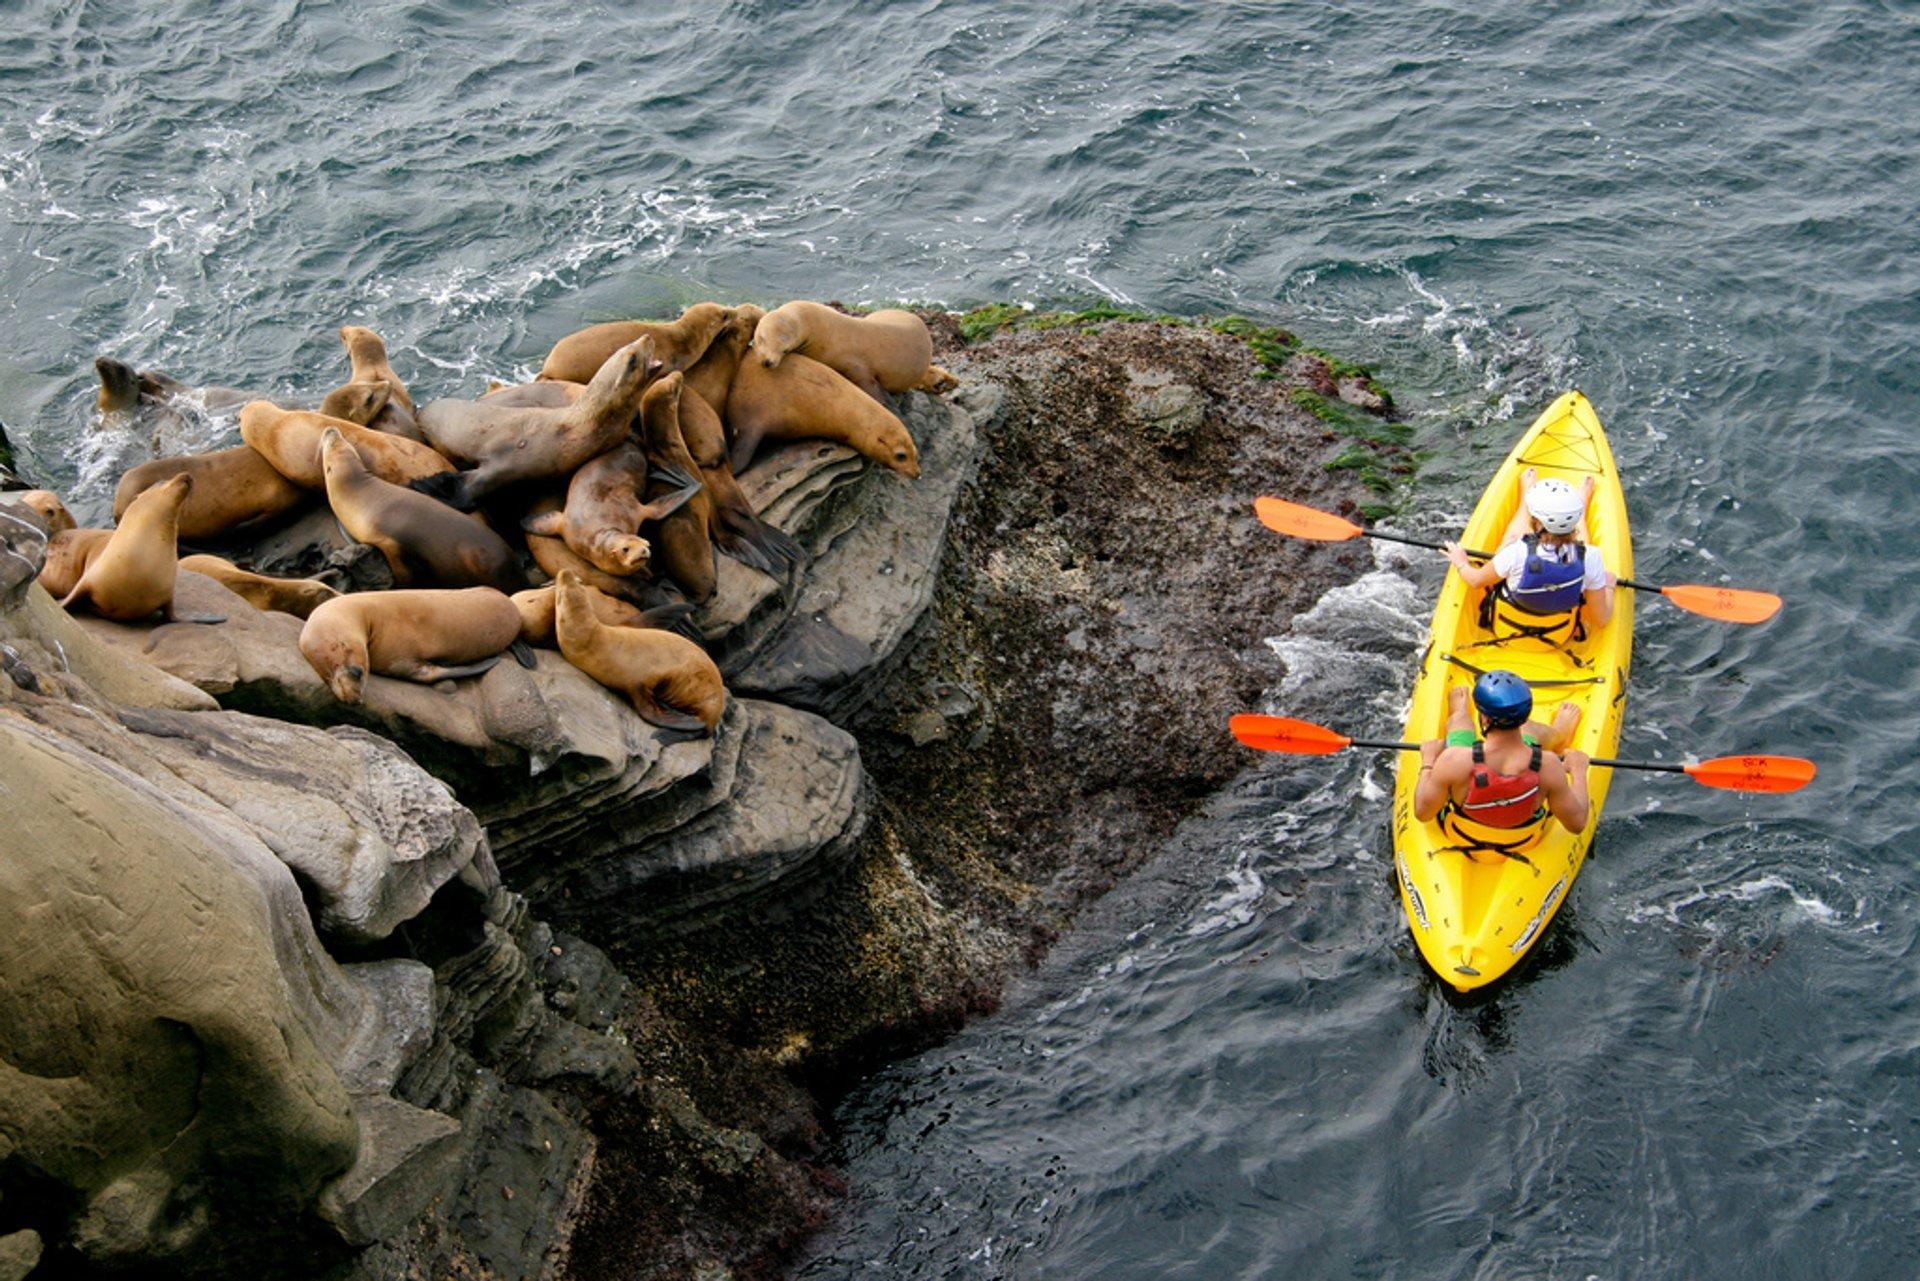 Kayaking in San Diego - Best Season 2020